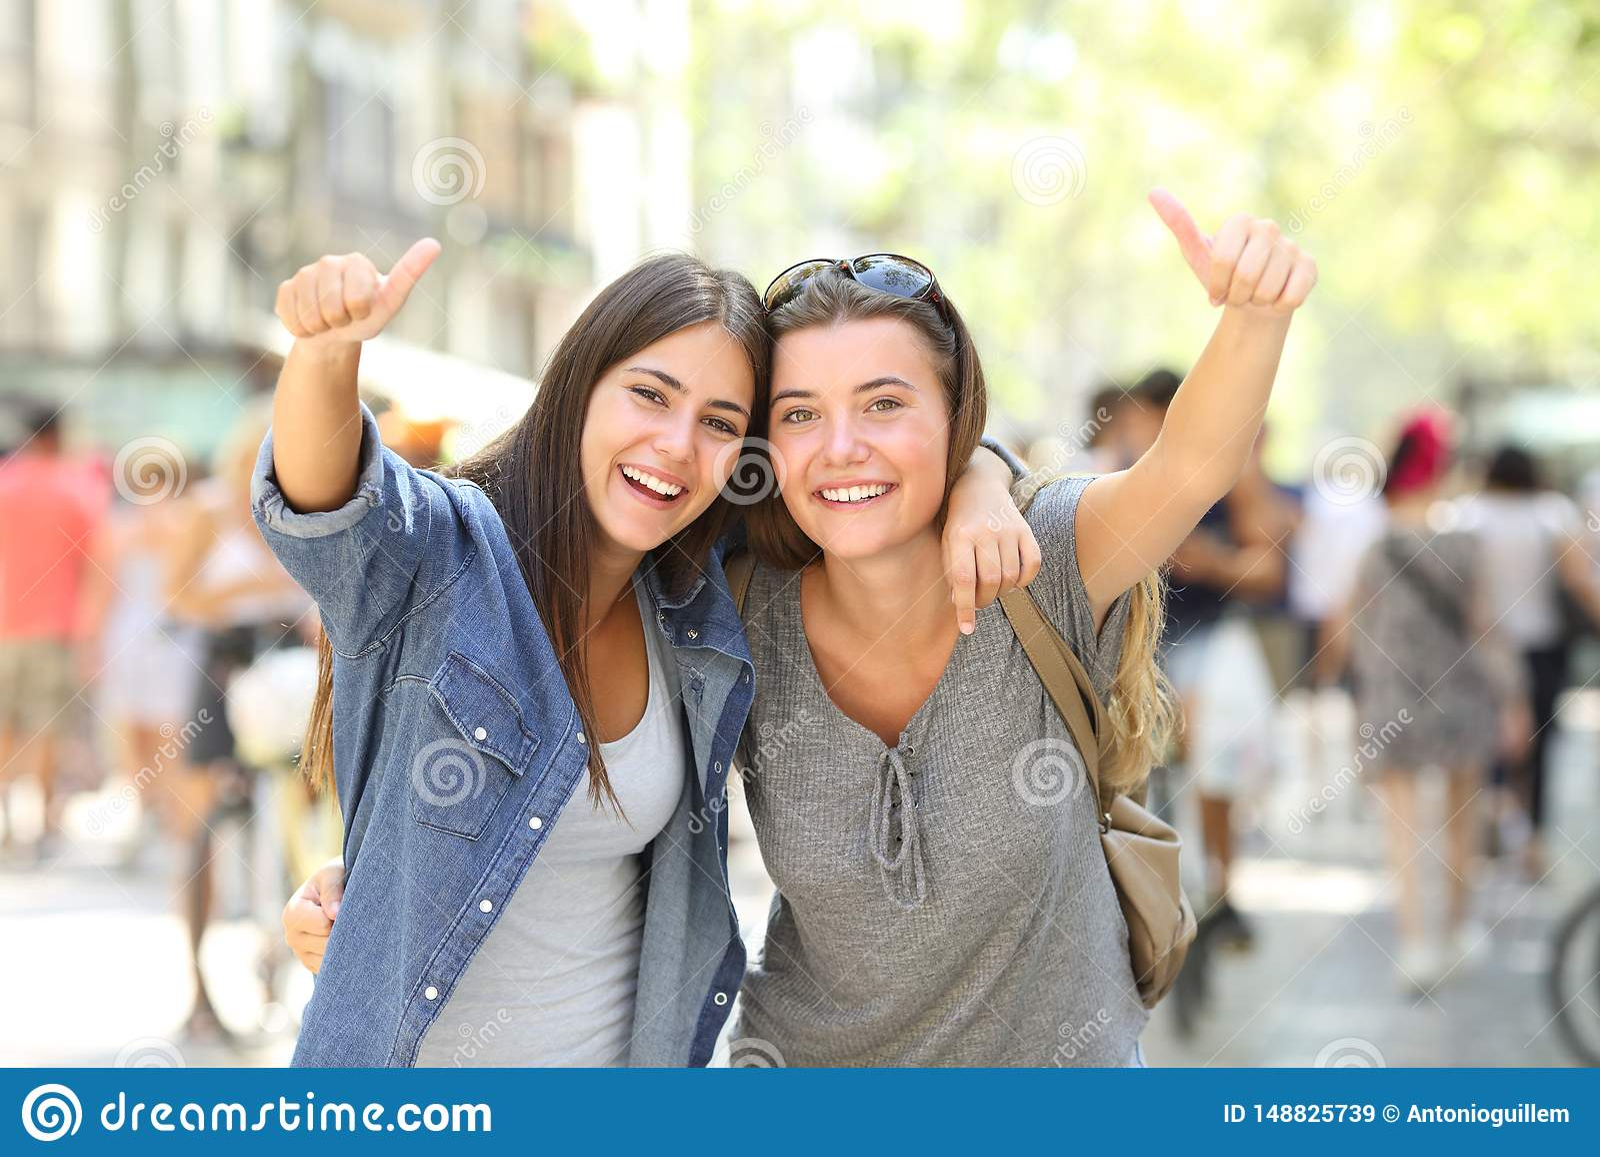 Twee het gelukkige vrienden beduimelt gesturing omhoog samen